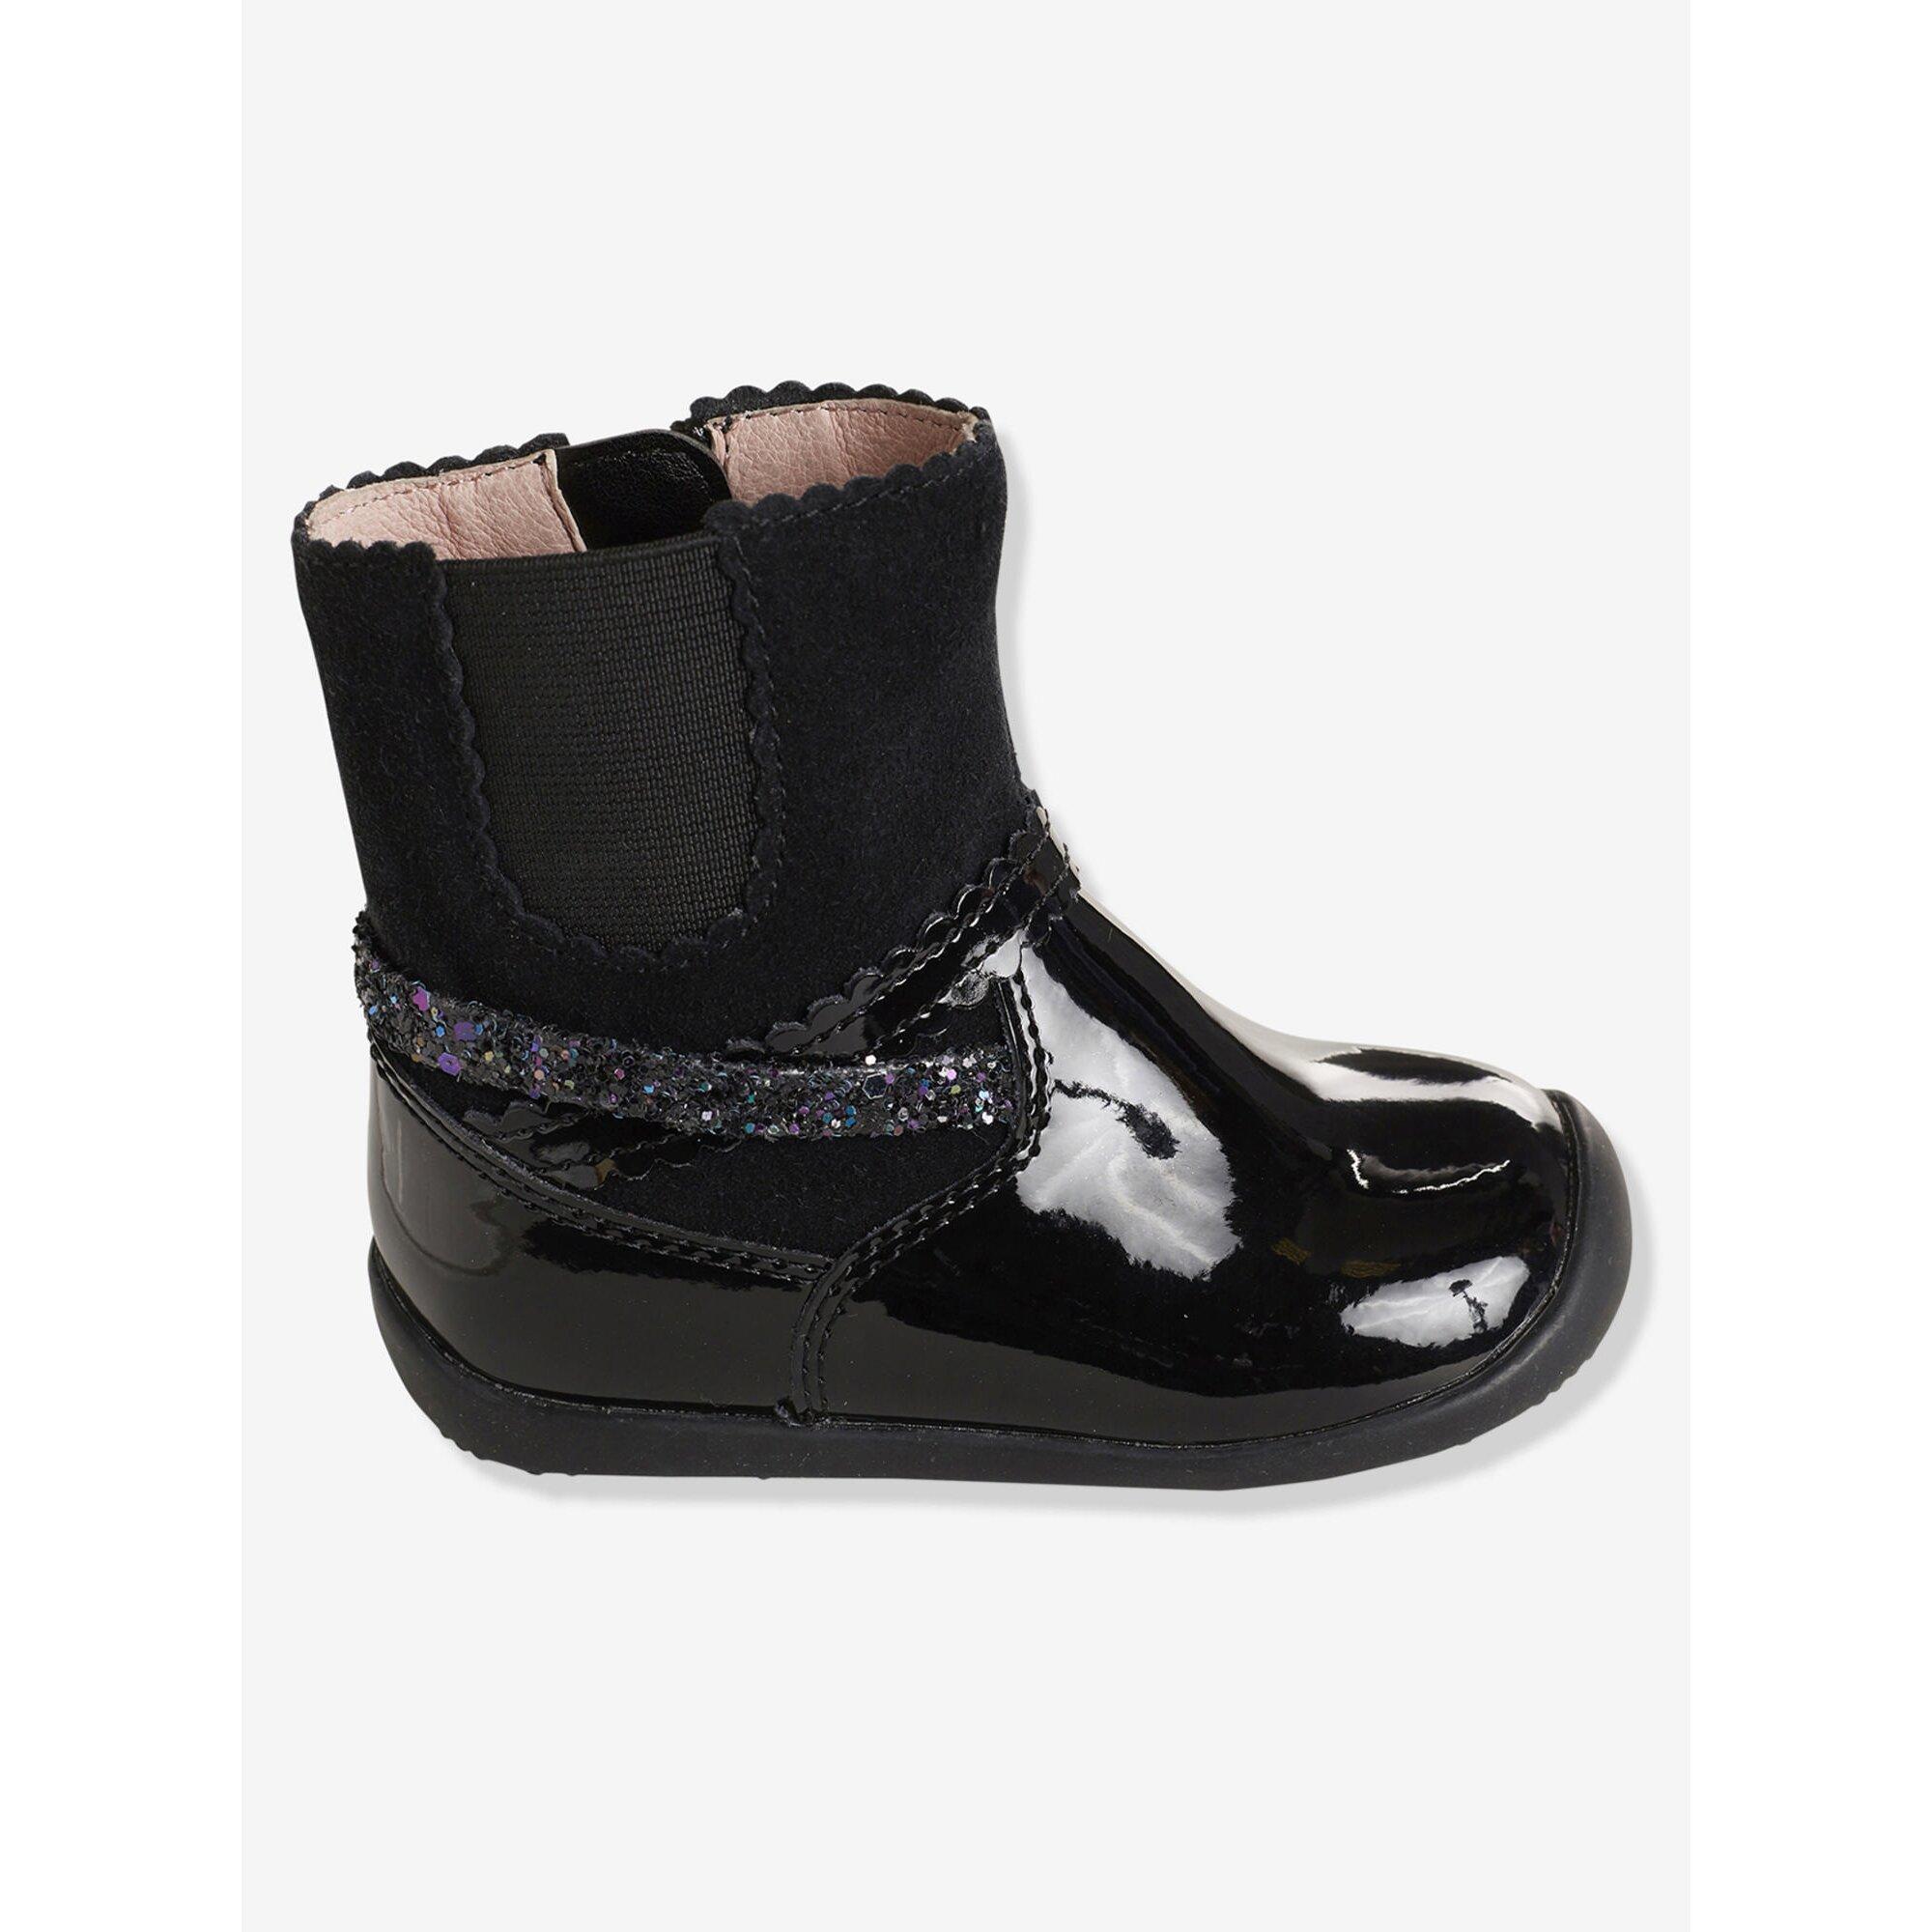 vertbaudet-madchen-boots-mit-gummizug, 54.99 EUR @ babywalz-de